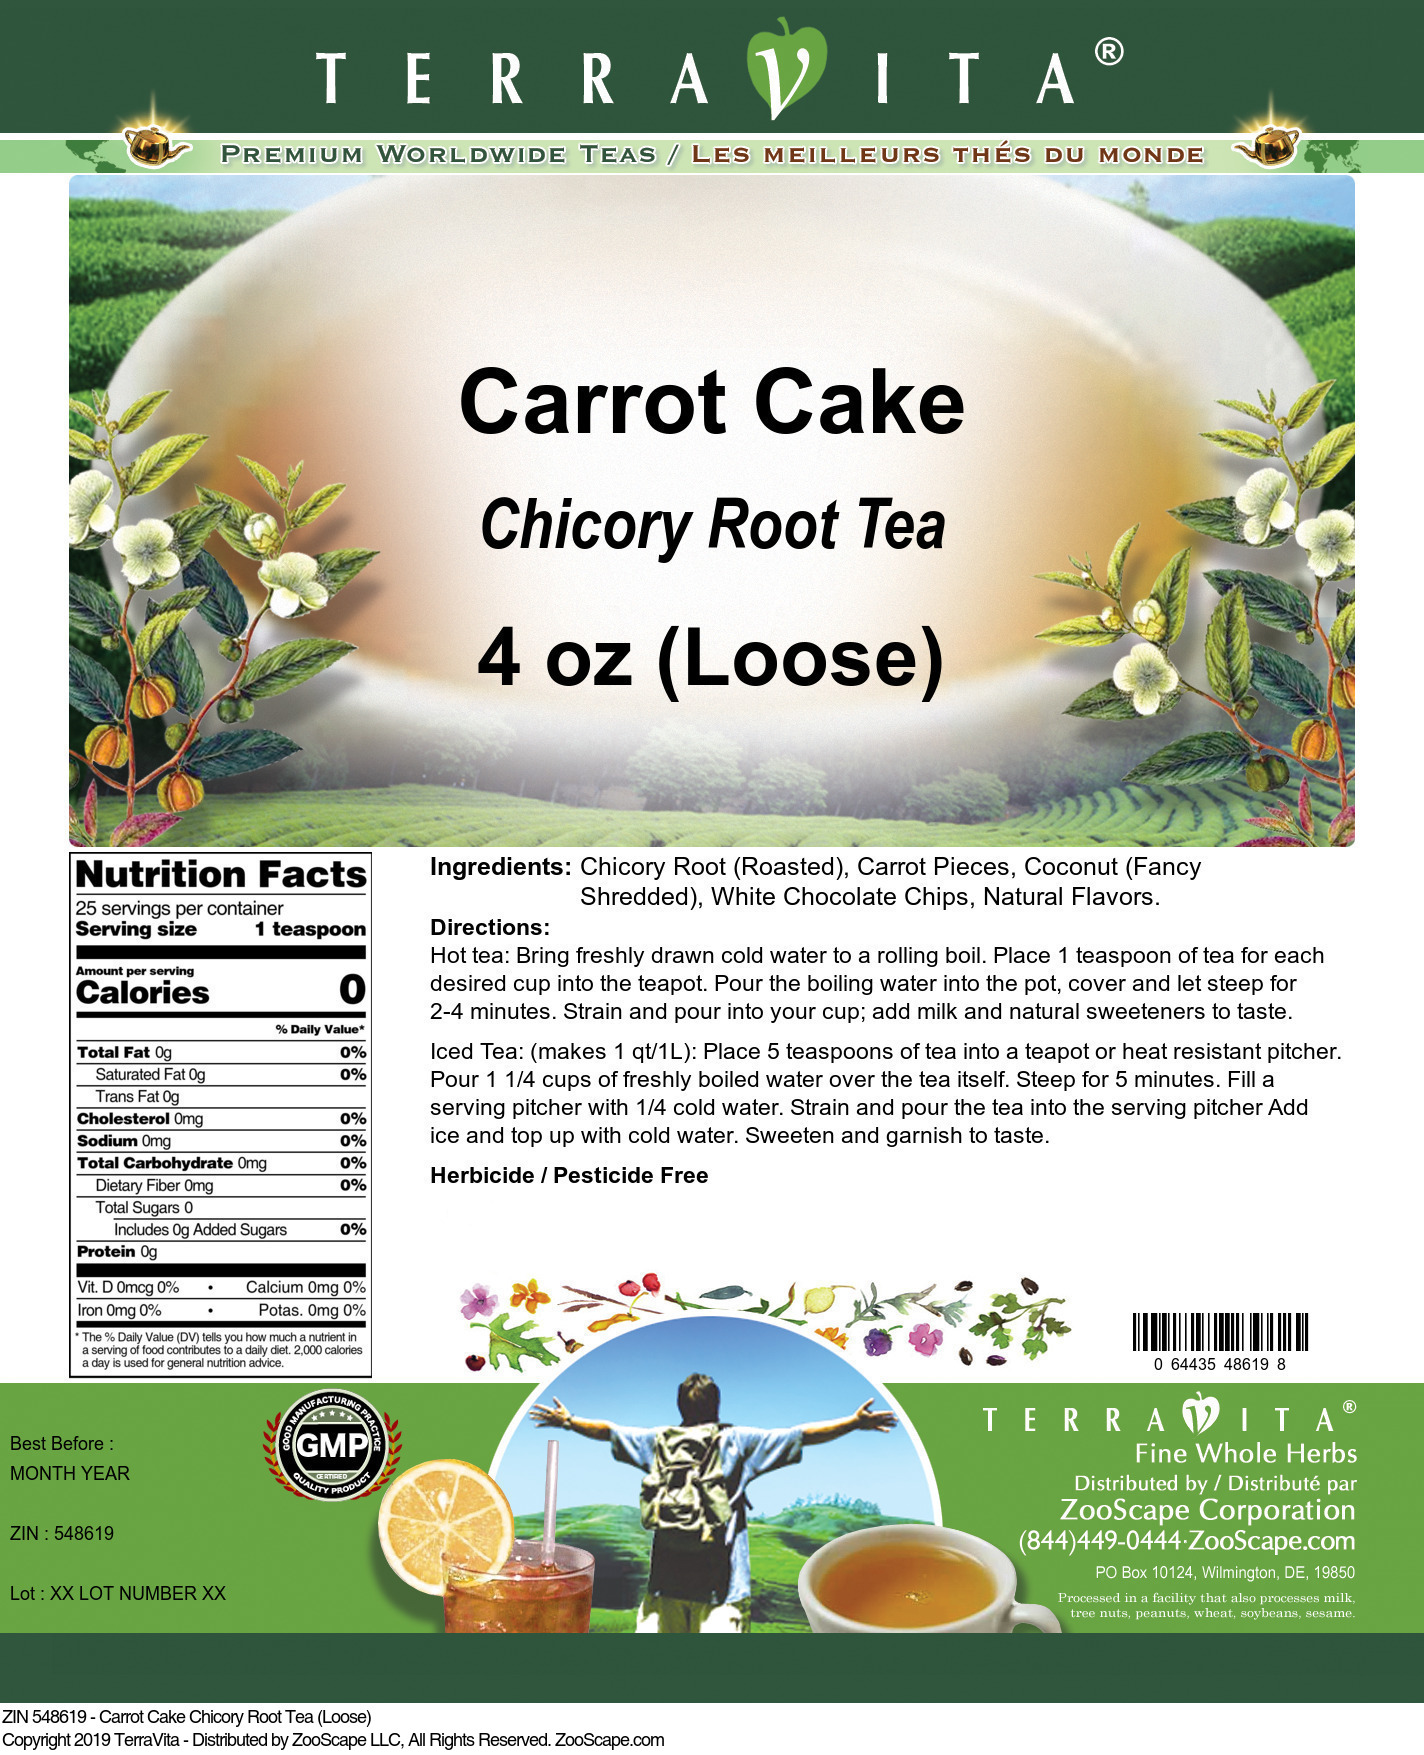 Carrot Cake Chicory Root Tea (Loose)